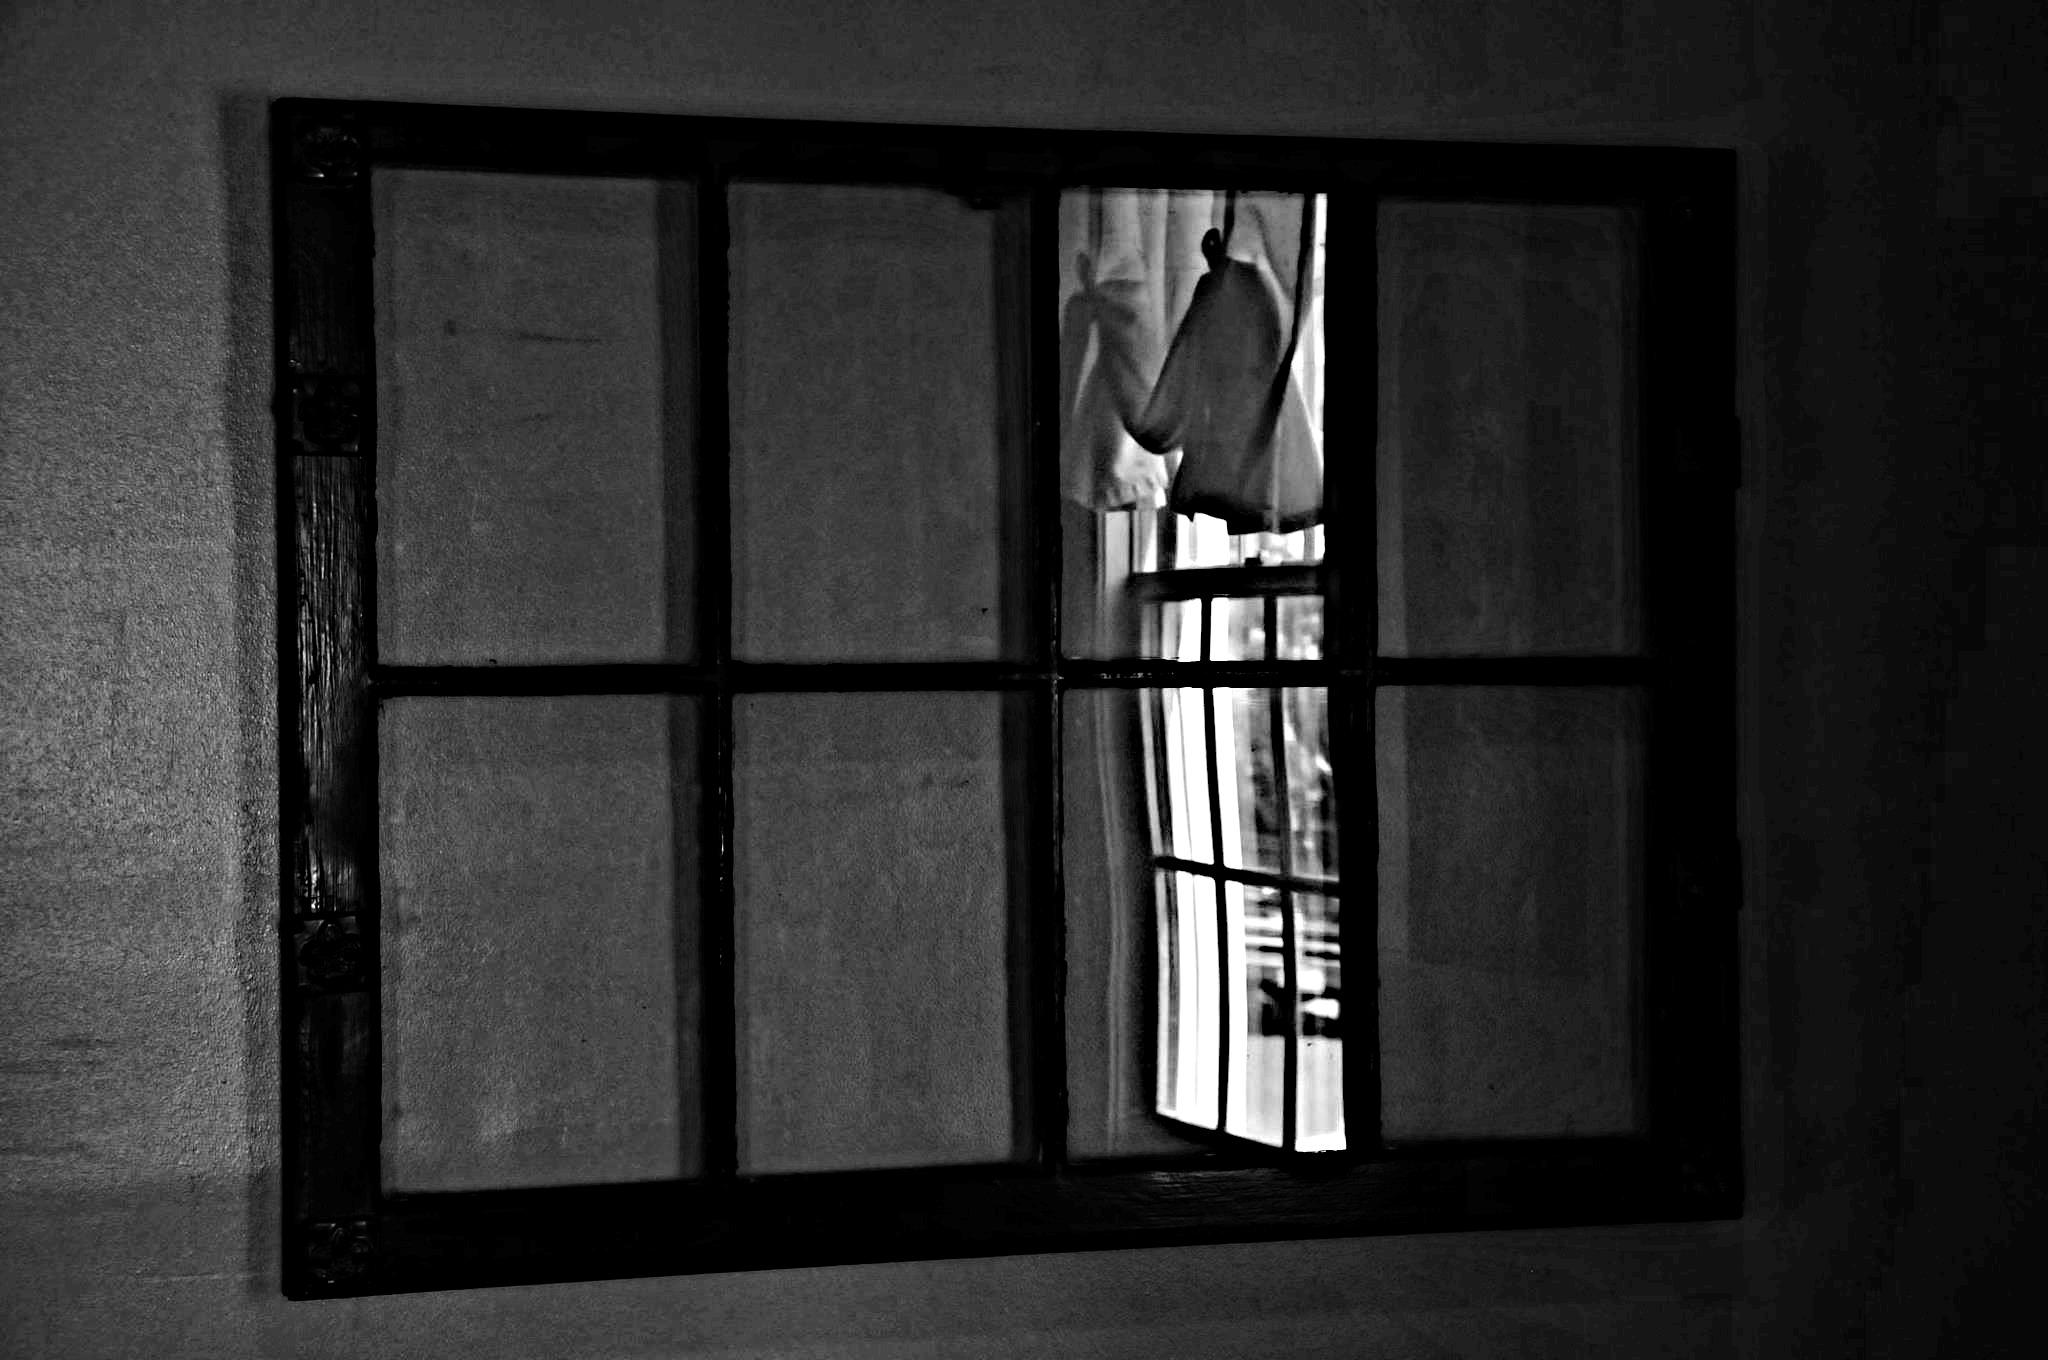 Leesburg window